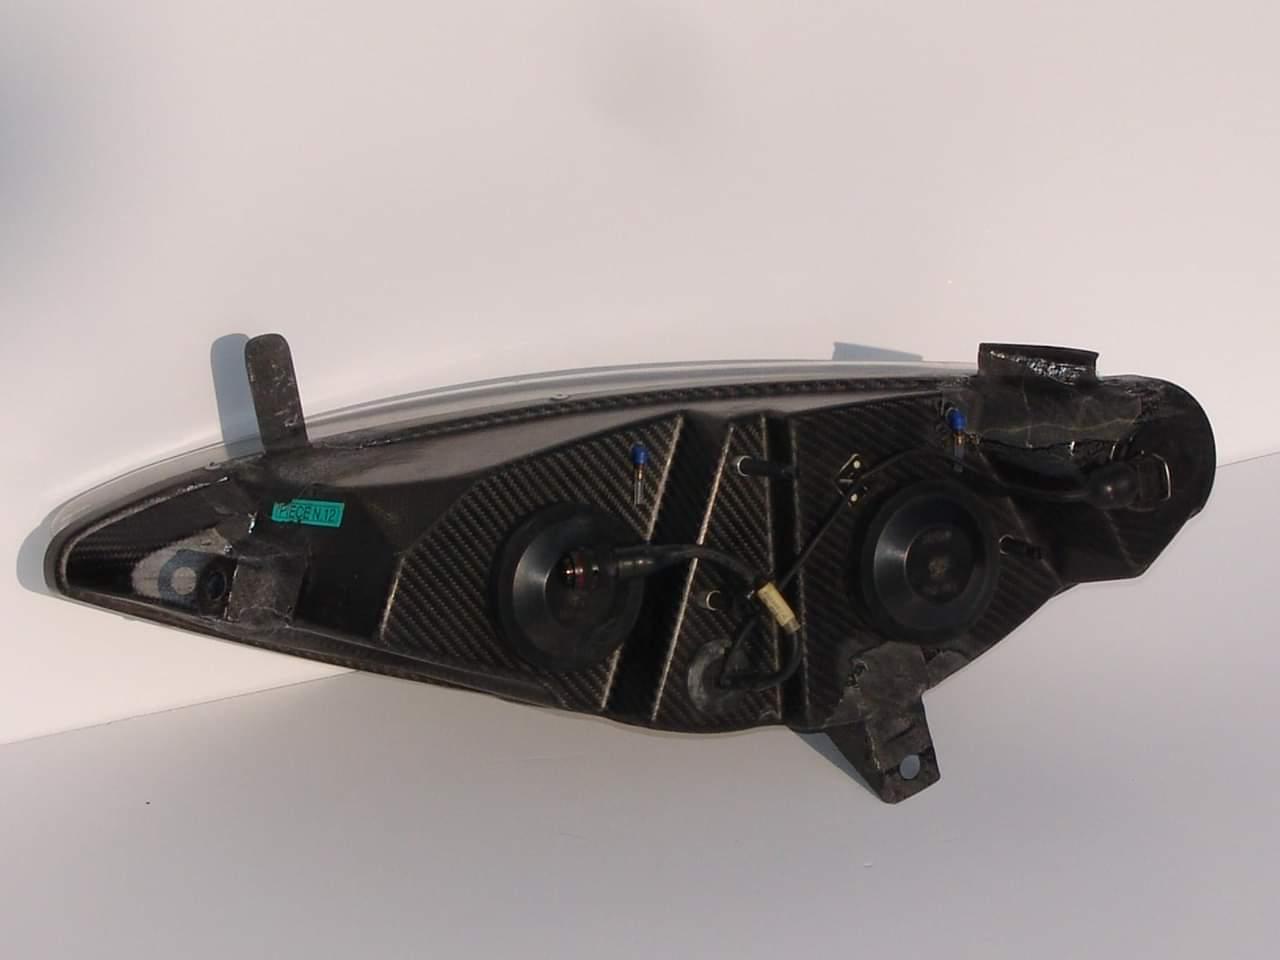 Reparation carbone Belgique Poly Concept Composites phare carbone Peugeot 307 wrc (8)